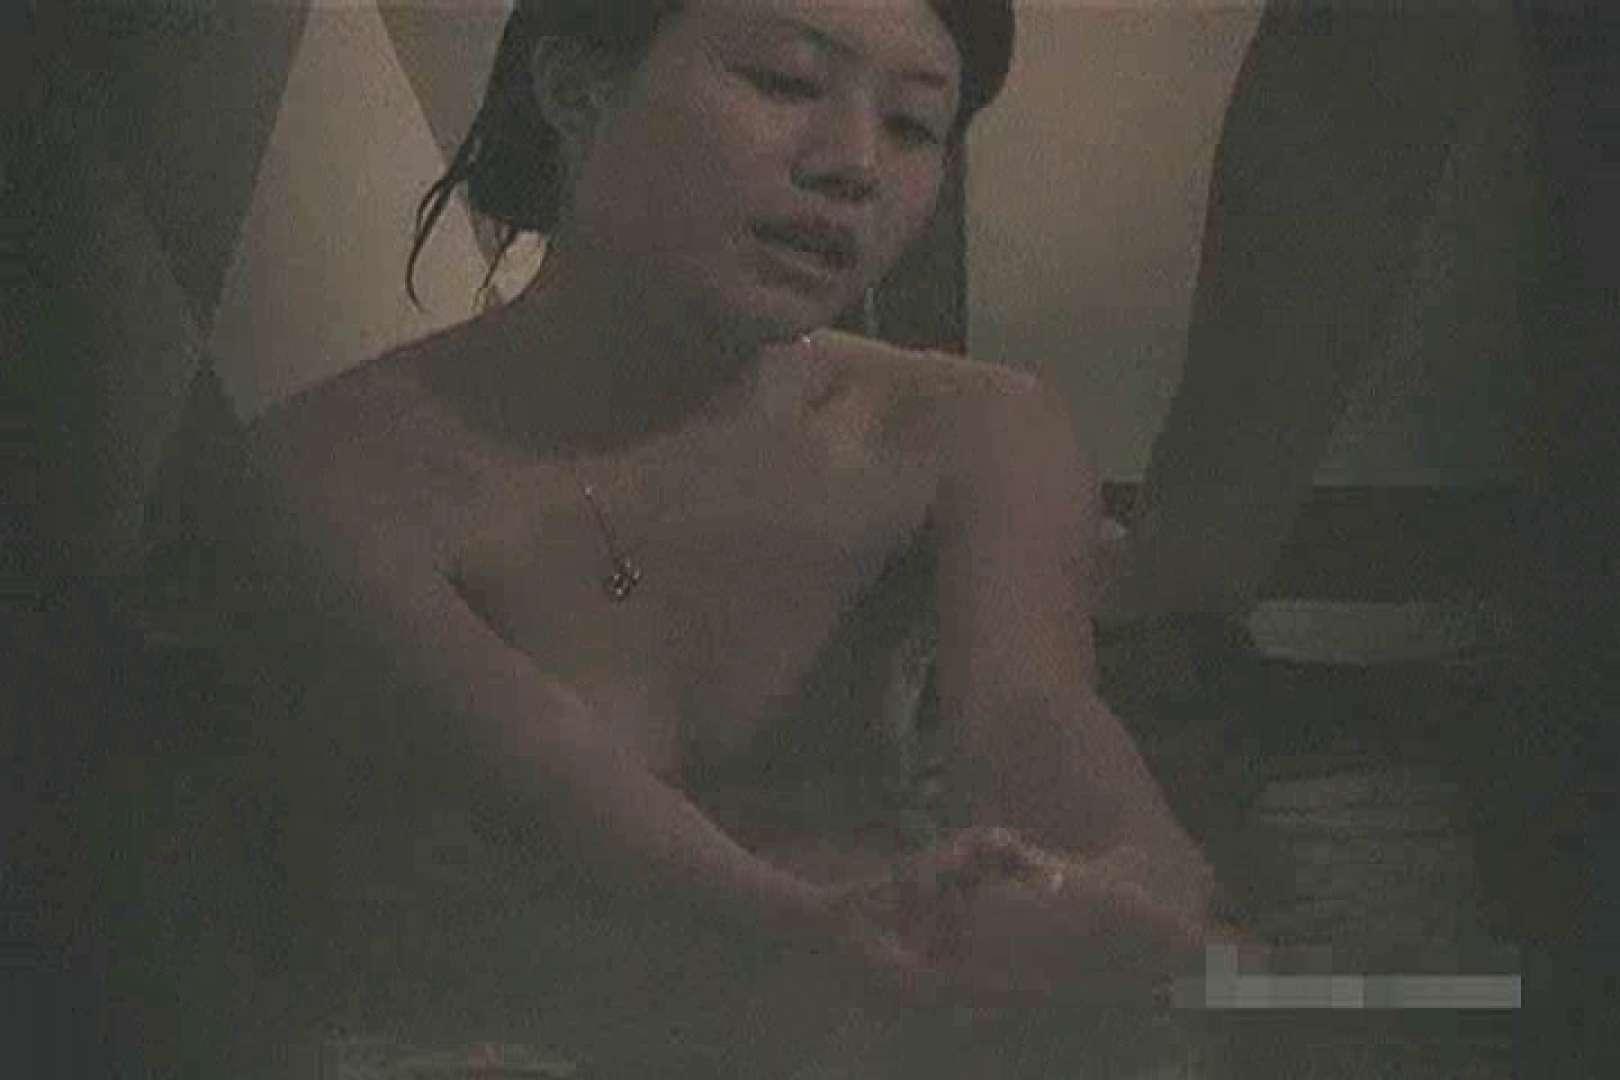 全裸で発情!!家族風呂の実態Vol.2 おっぱい 盗撮われめAV動画紹介 50画像 26